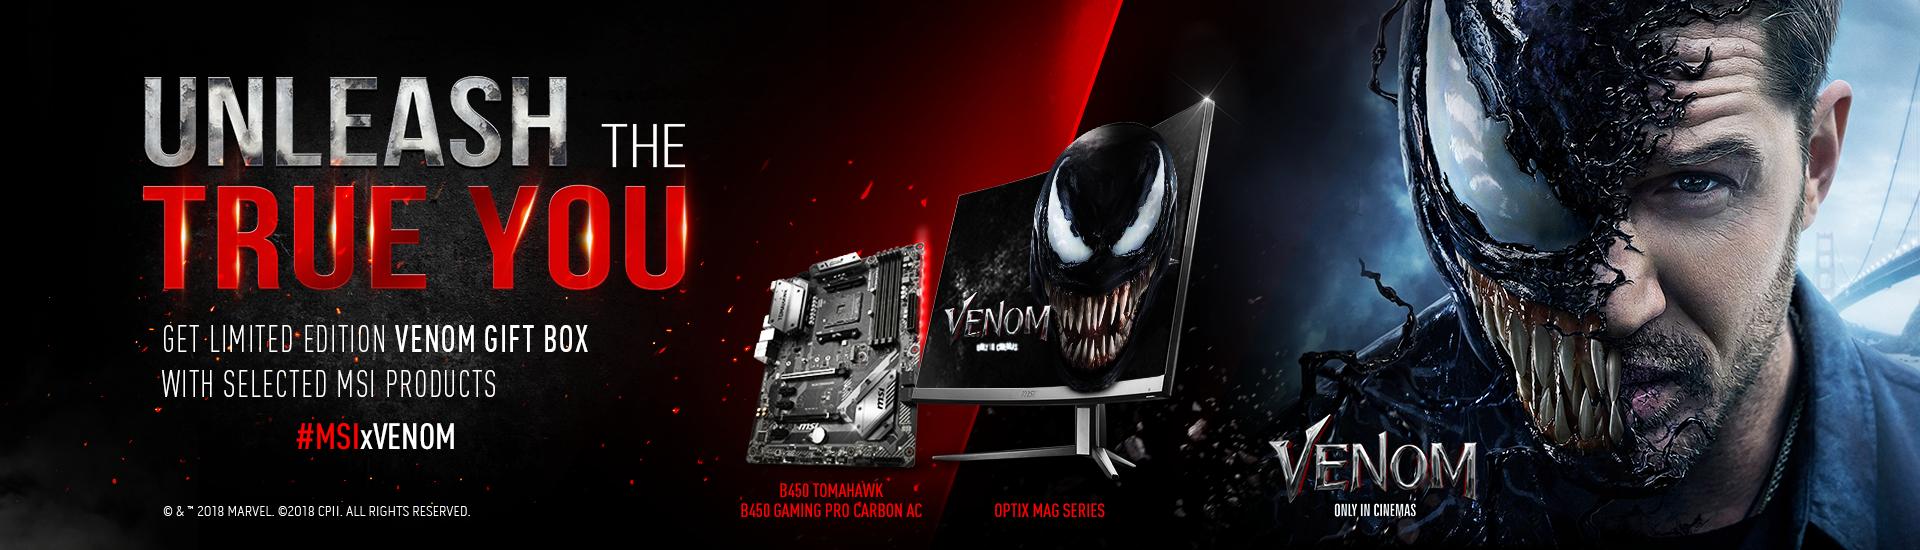 MSI x Venom